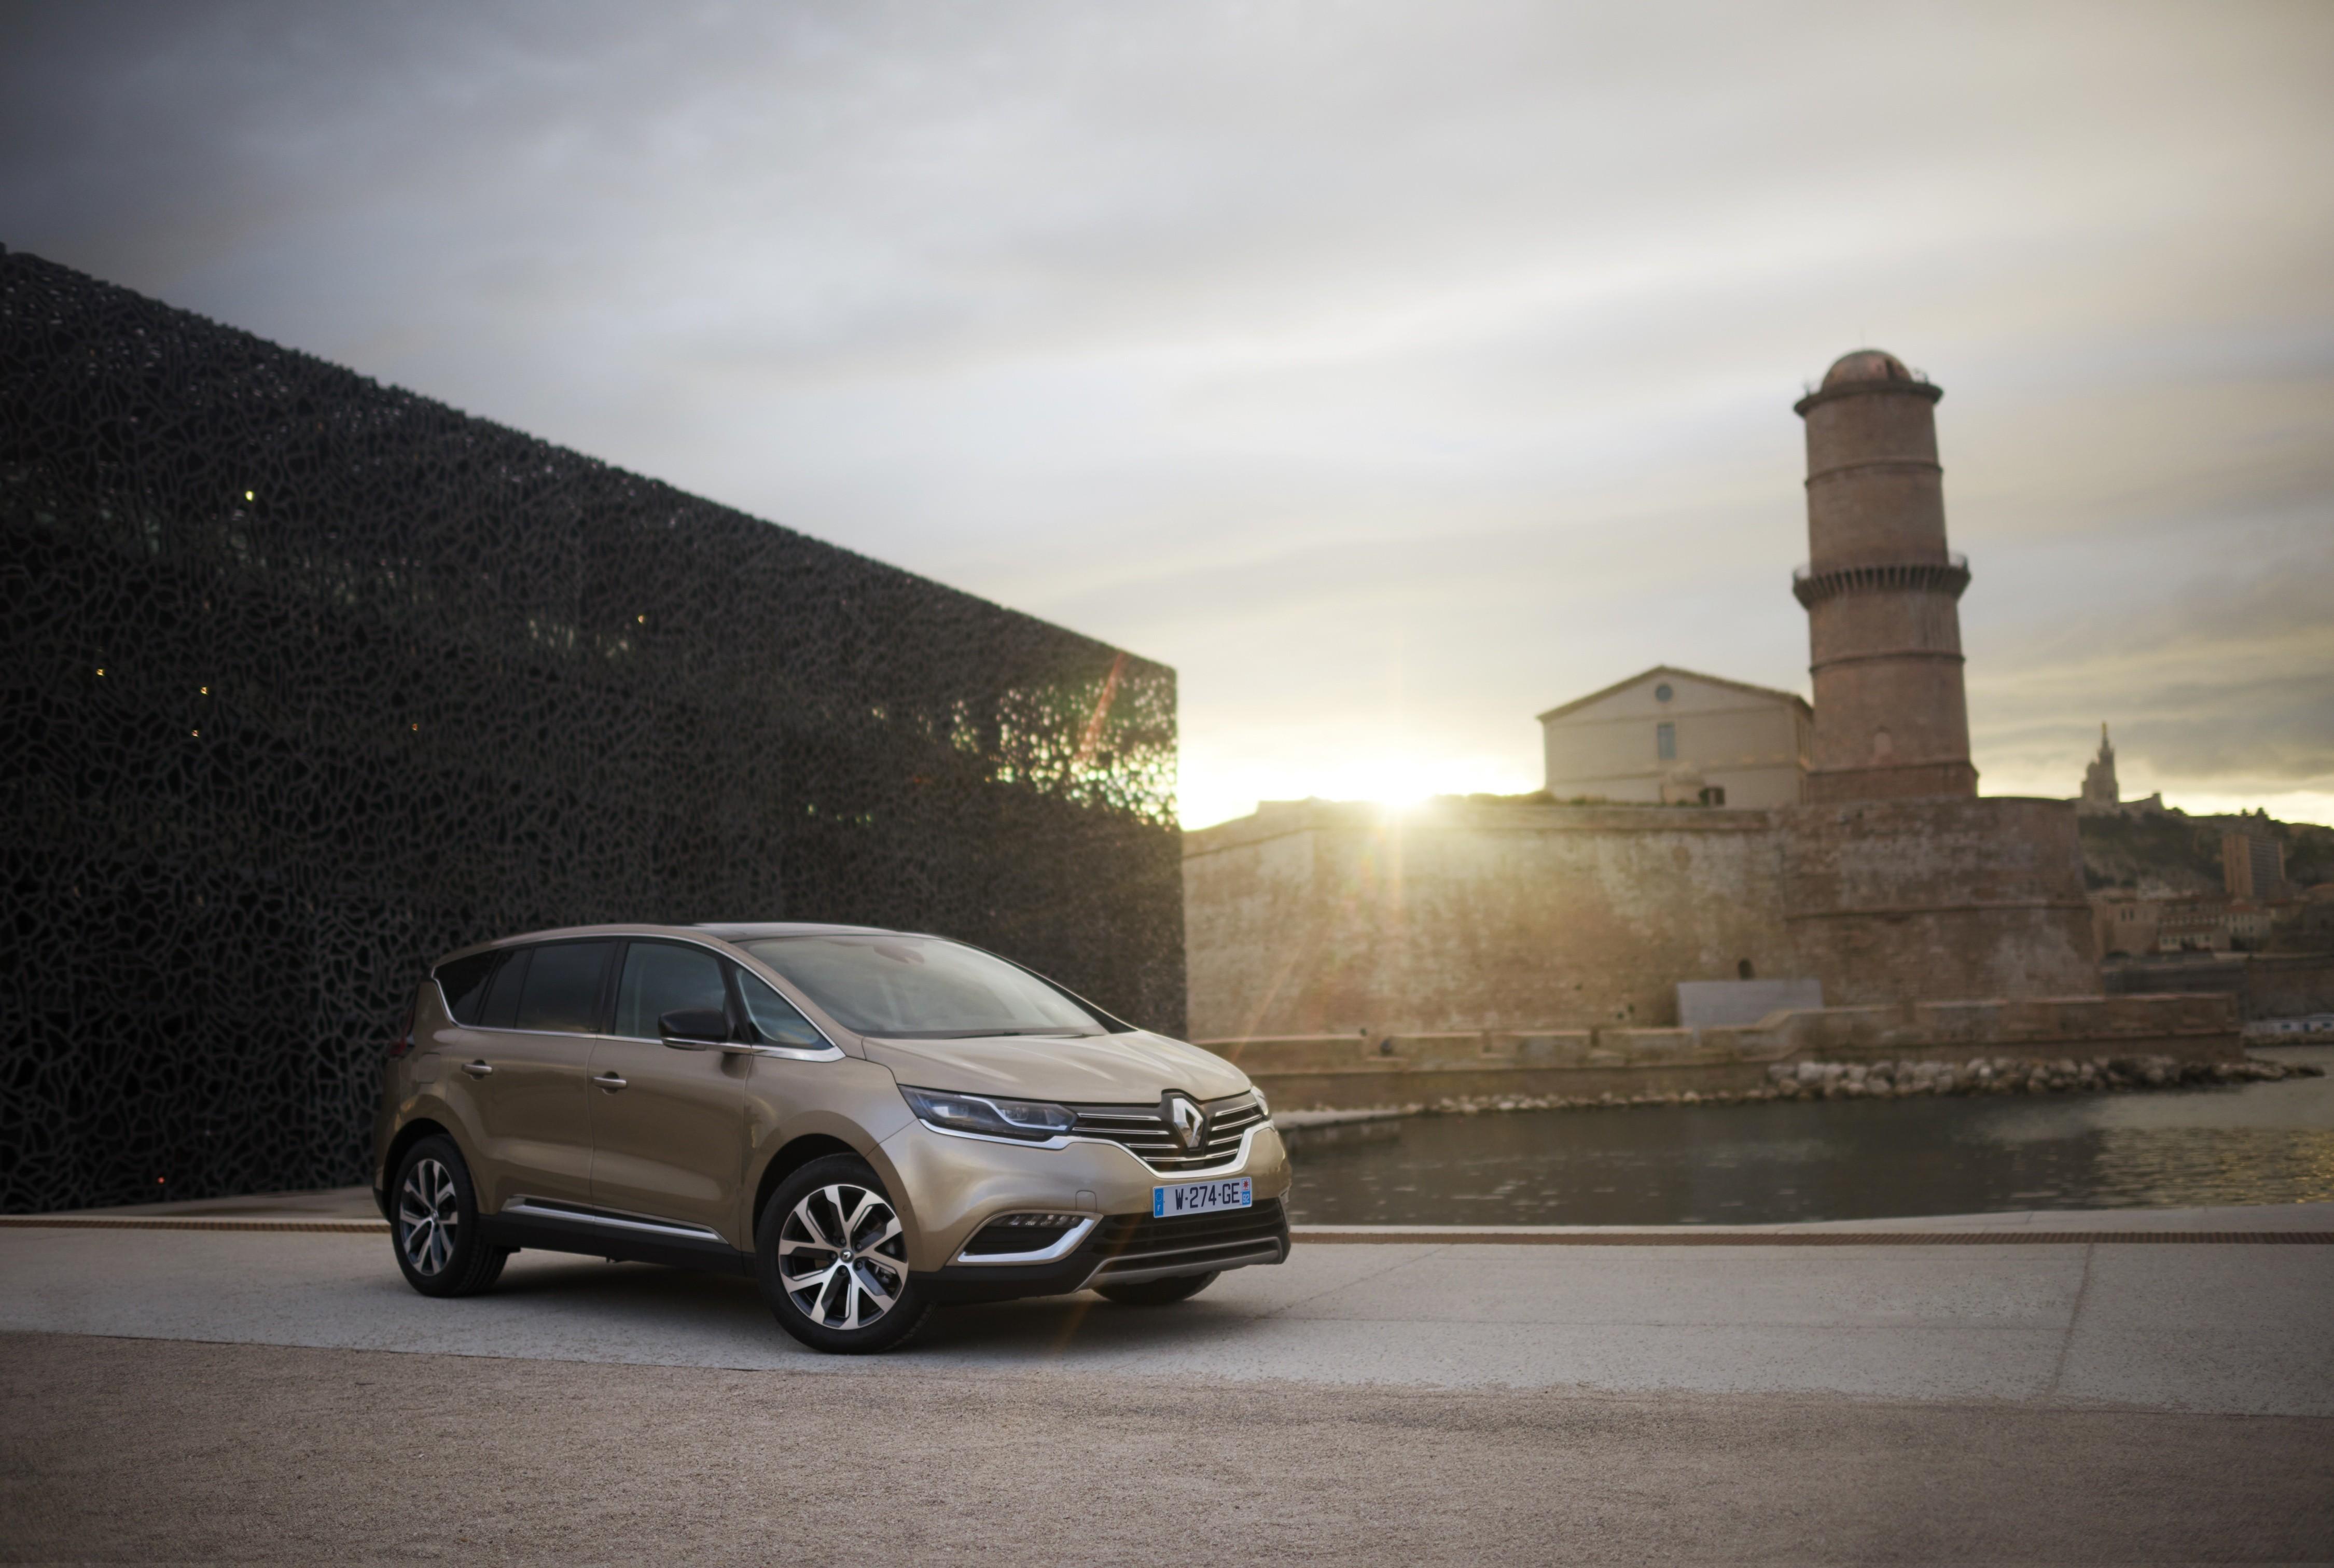 Renault_location-voiture-marseille